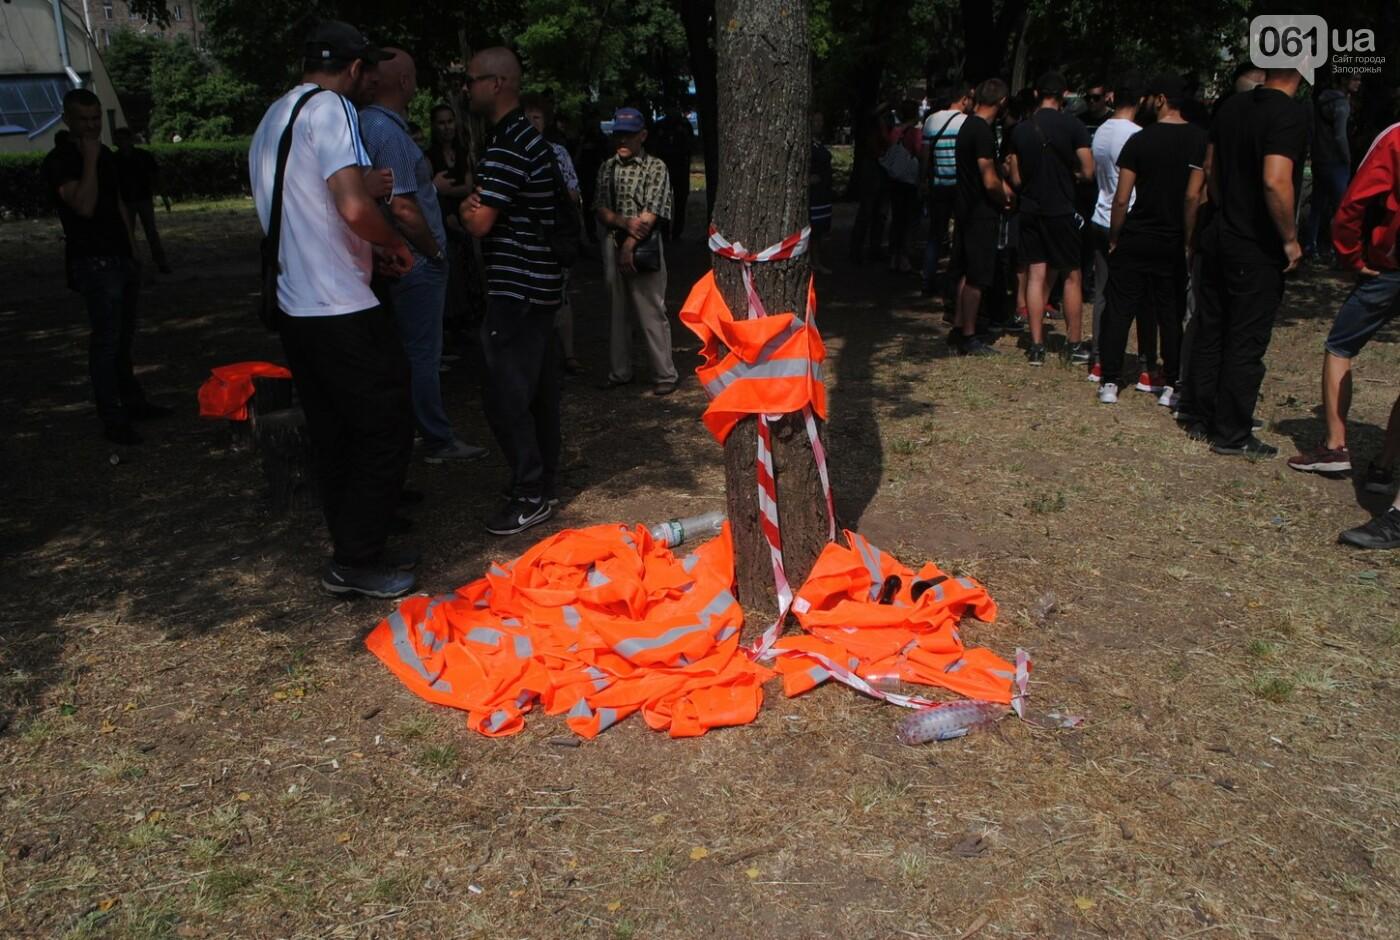 Протест в парке Яланского в лицах, - колоритный ФОТОРЕПОРТАЖ, фото-2